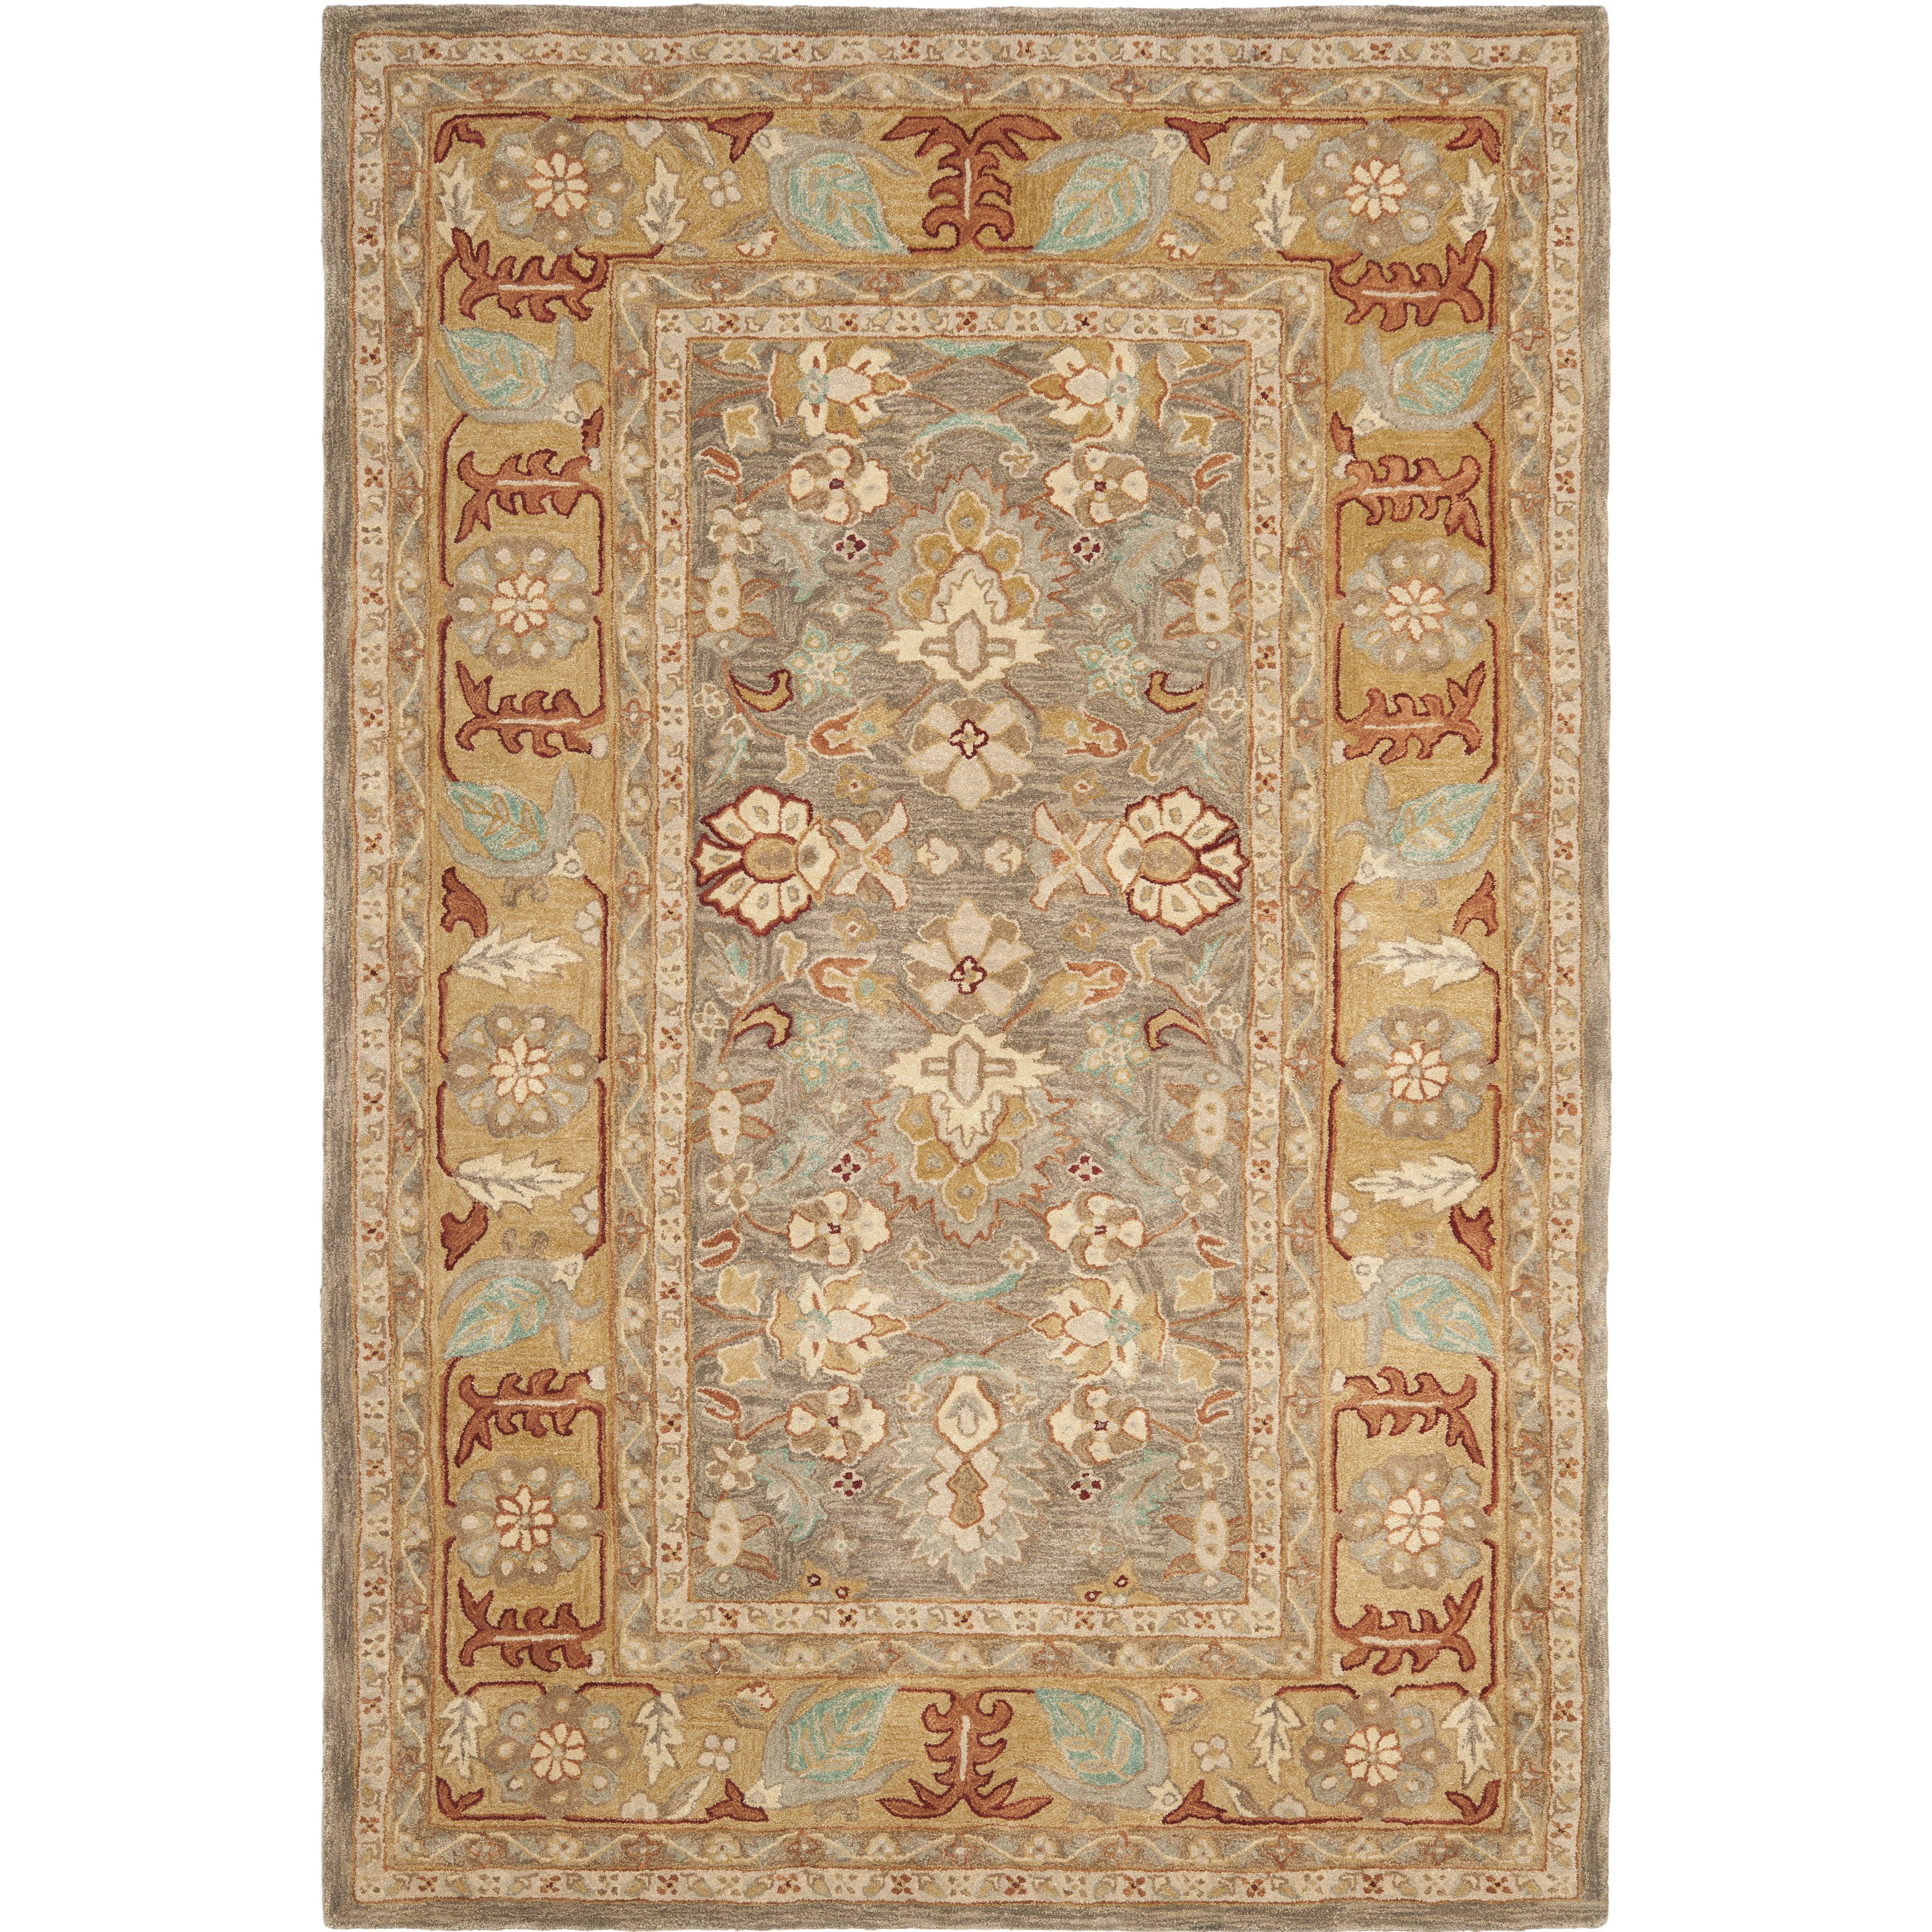 Shop Linon Moroccan Mekenes Camel Brown Rug: Safavieh Anatolia Brown/Camel Area Rug & Reviews